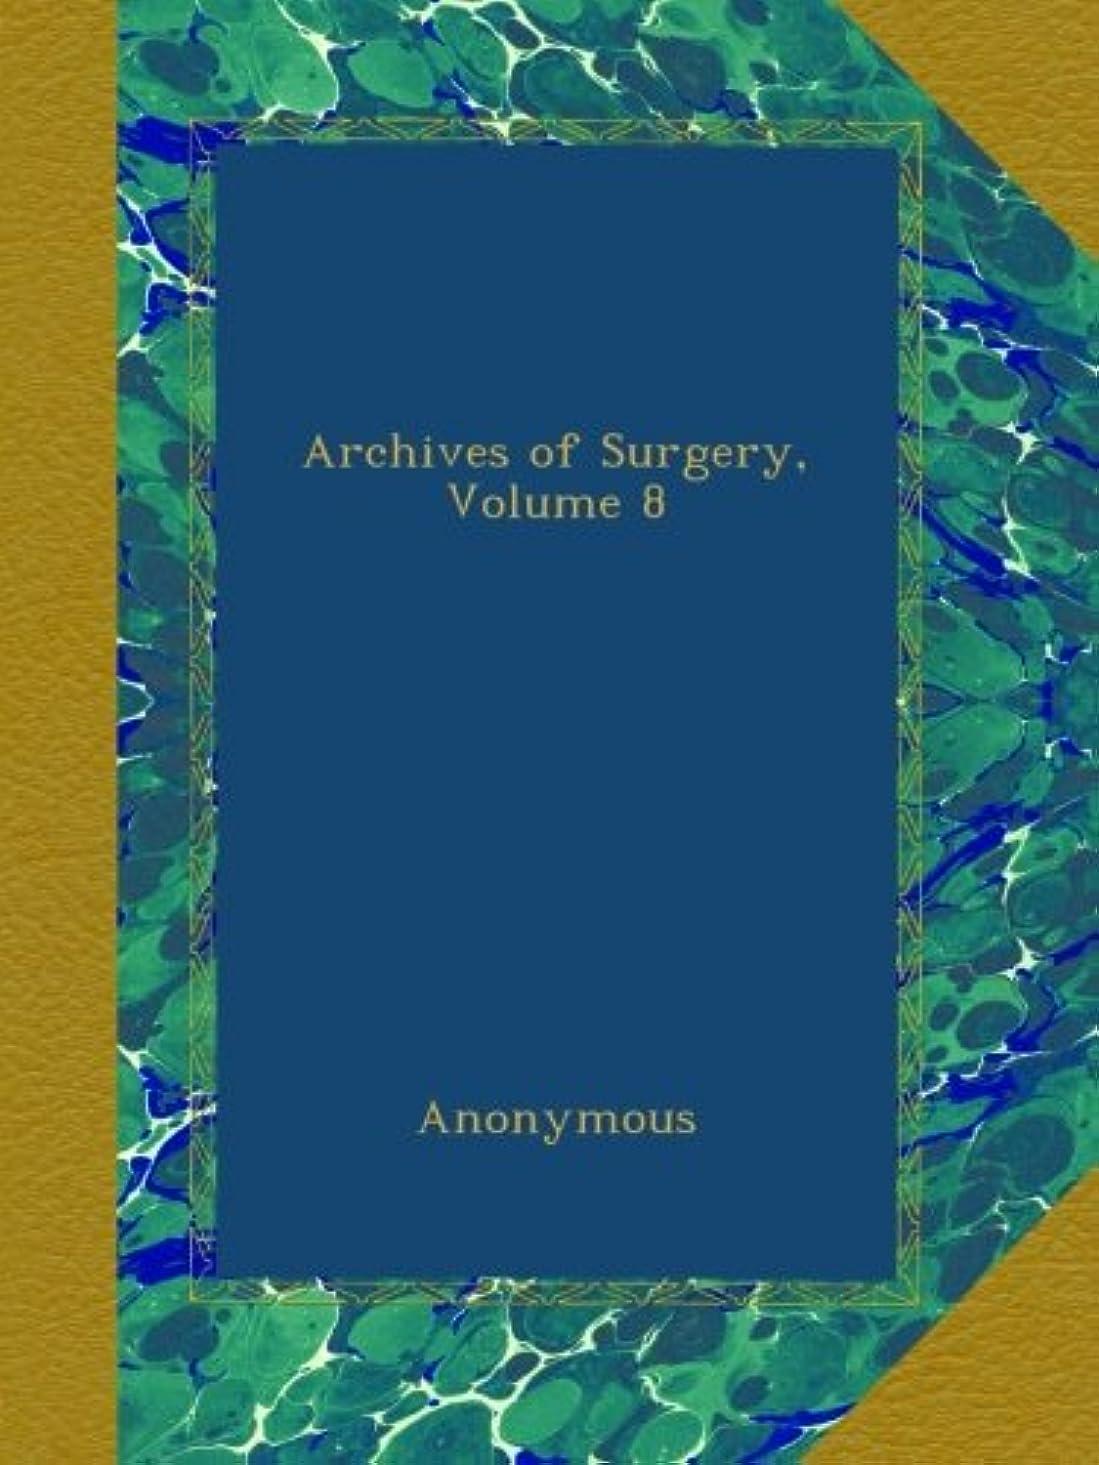 おとこできないボットArchives of Surgery, Volume 8